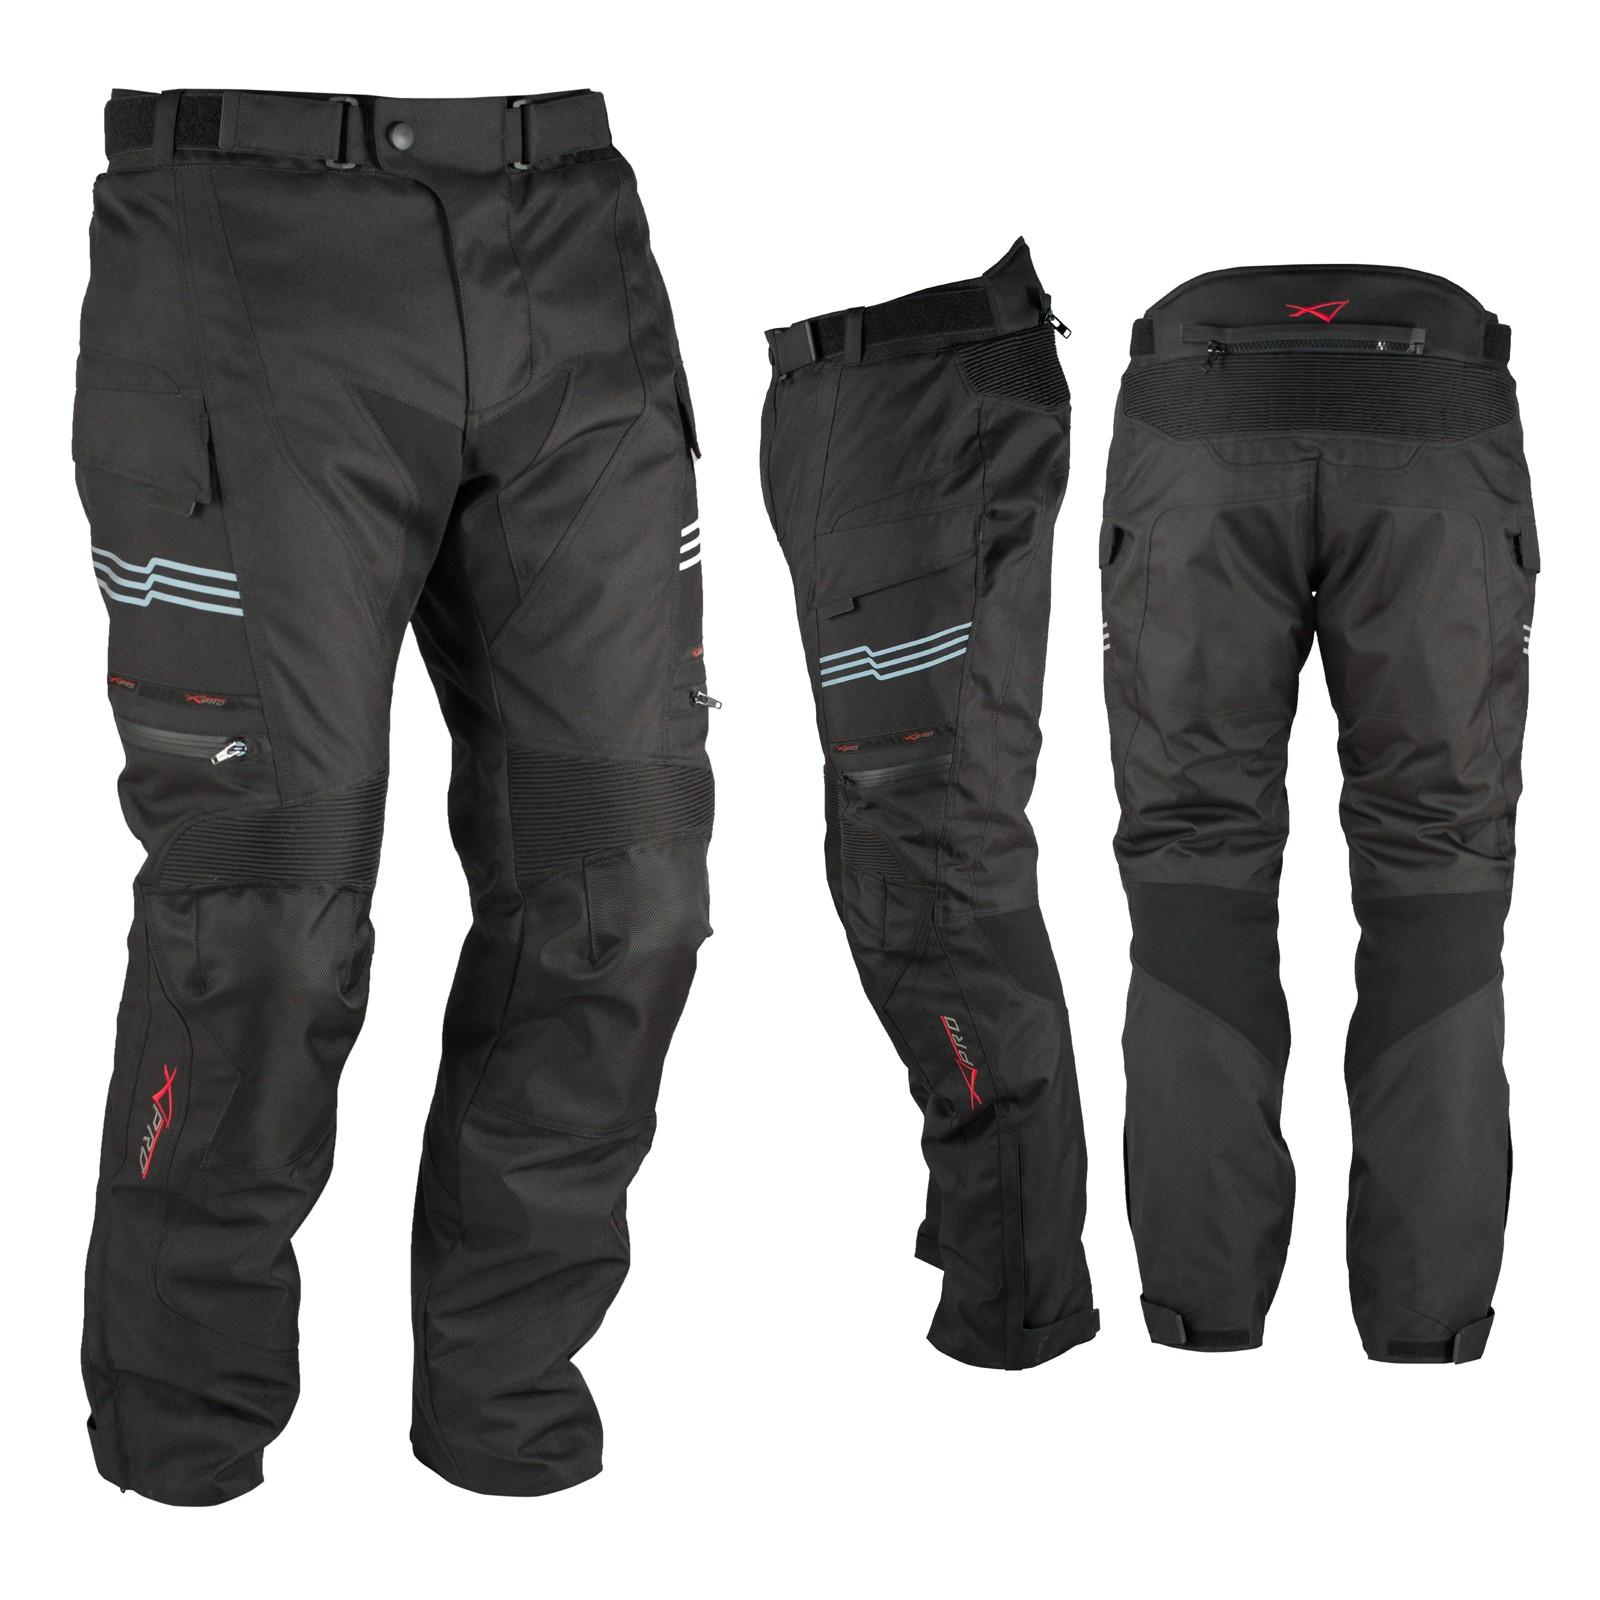 Pantaloni Impermeabile Moto Termica Estraibile Strisce Riflettenti Nero